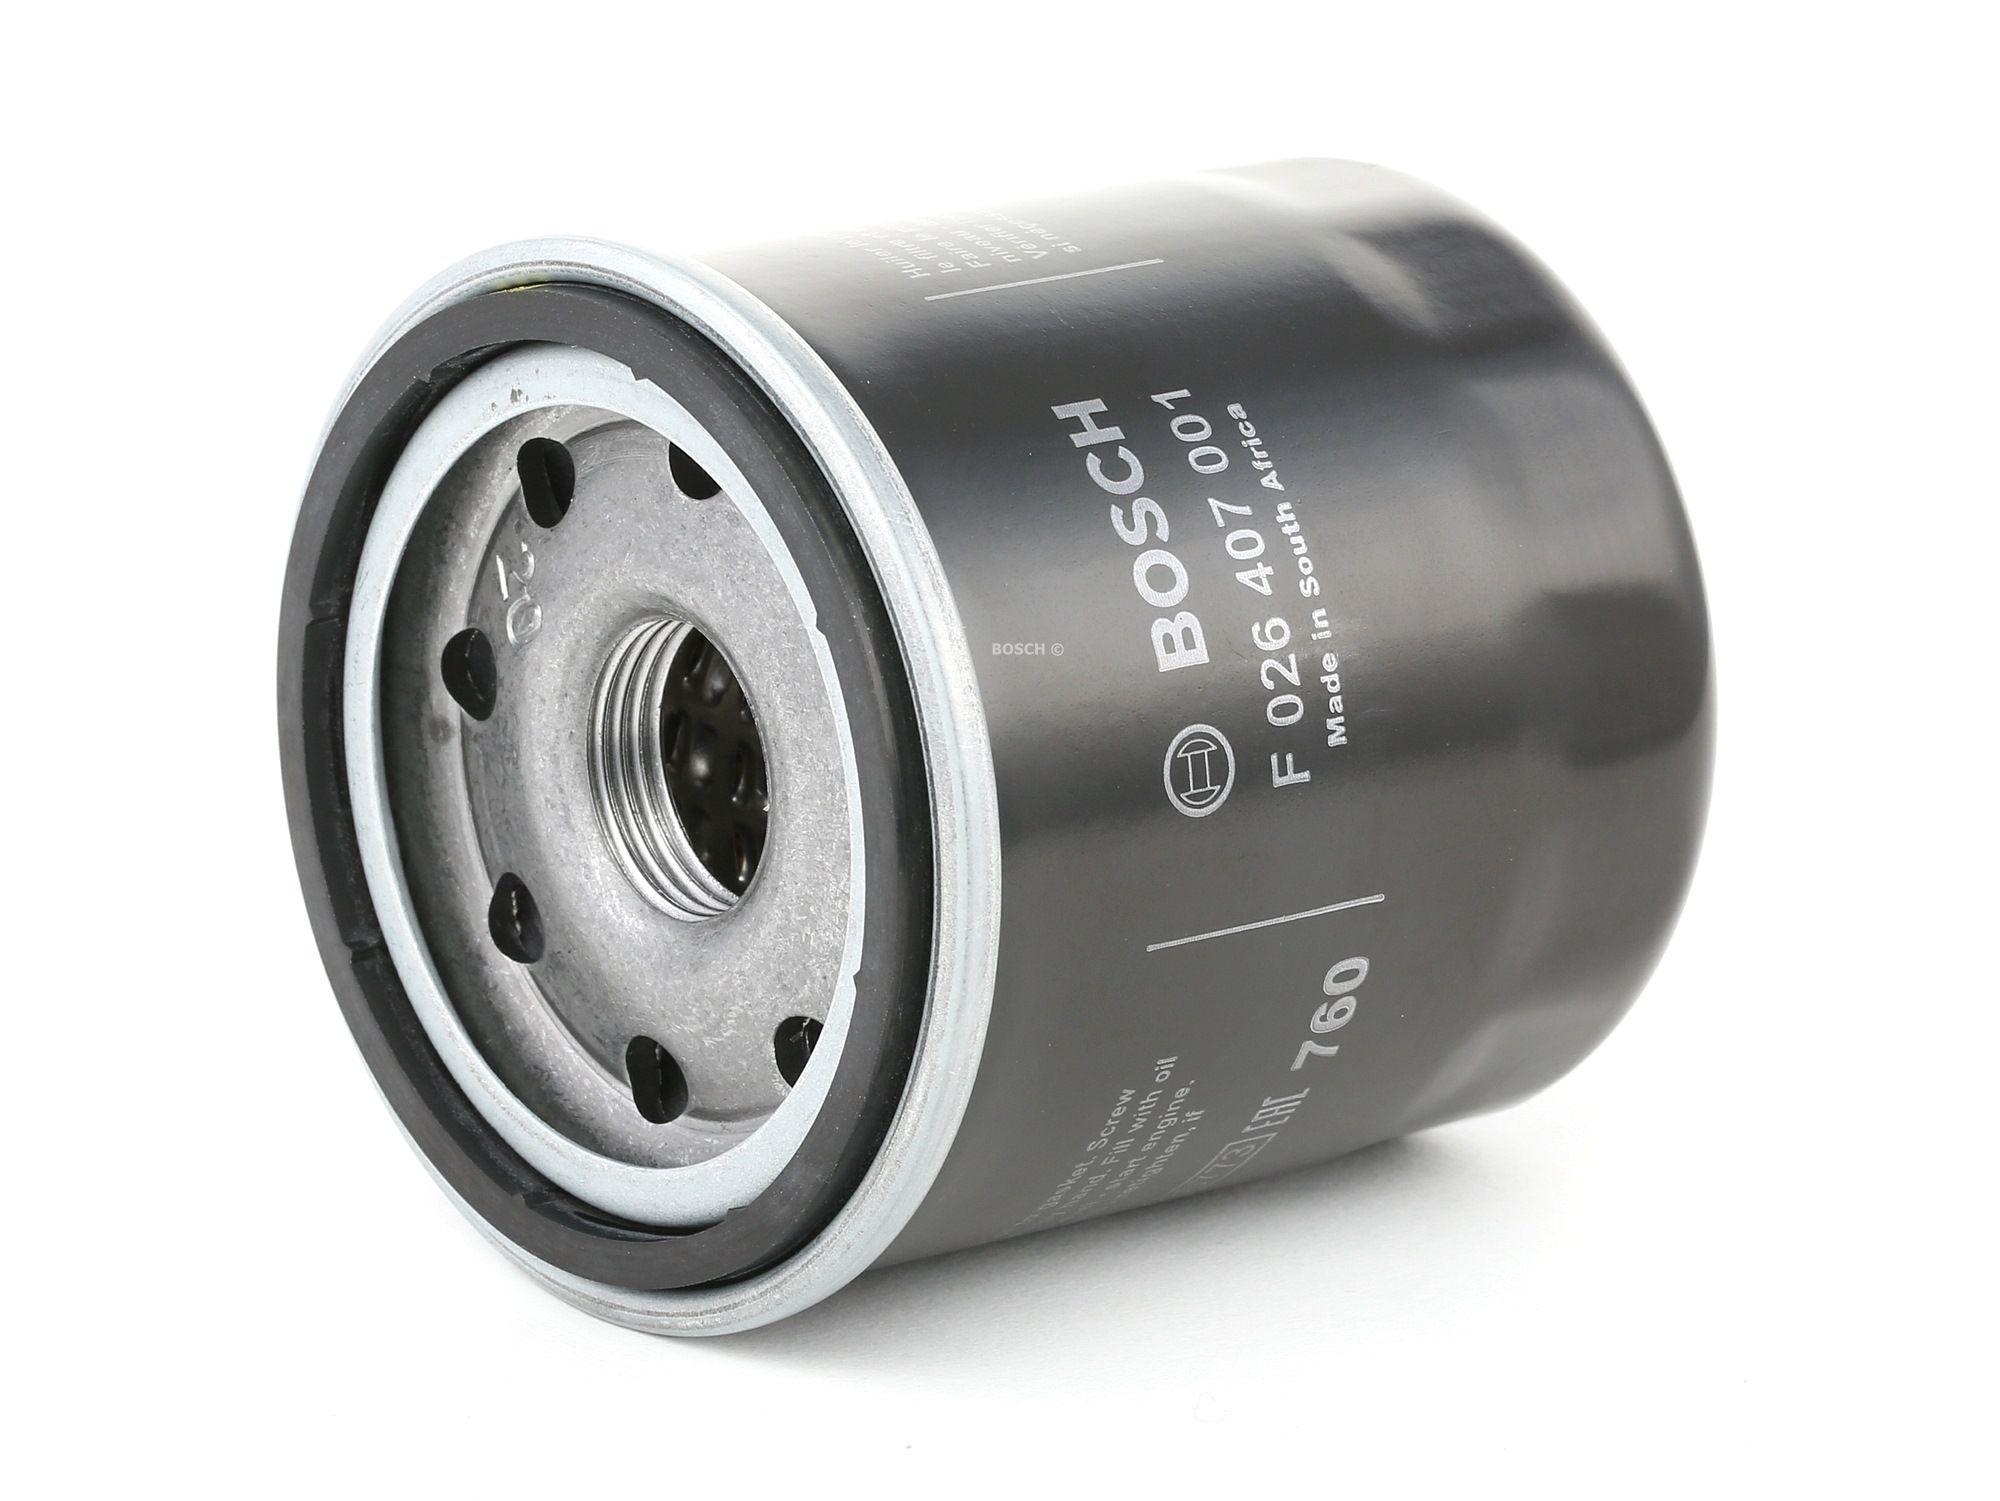 NISSAN ROGUE 2013 Filteranlage - Original BOSCH F 026 407 001 Ø: 65mm, Höhe: 71,5mm